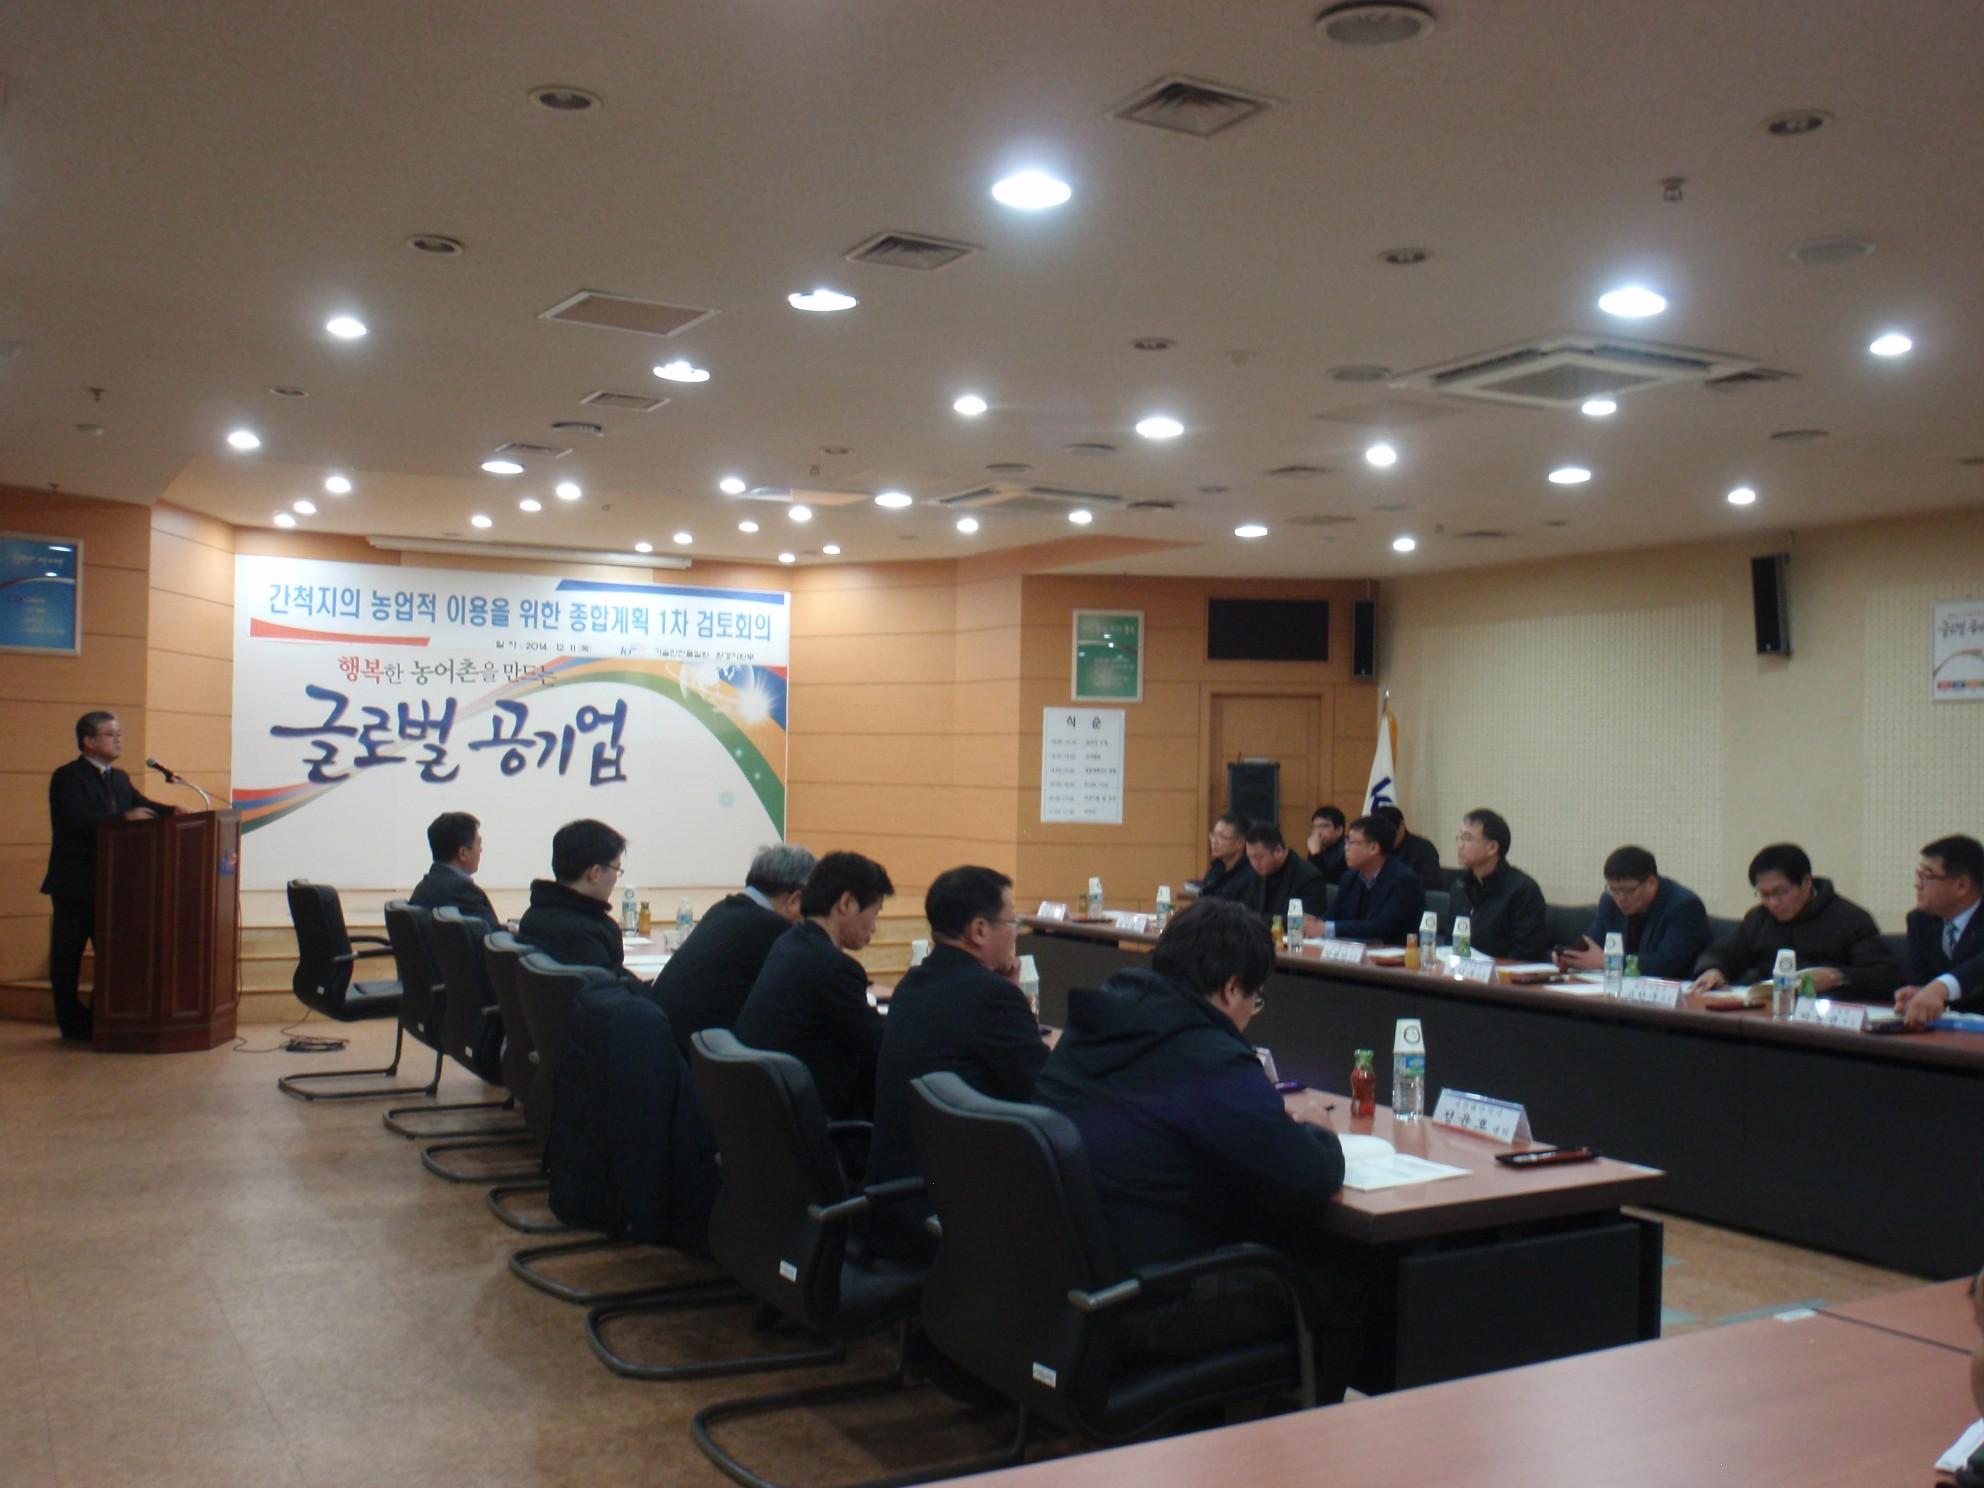 간척지의 농업적 이용을 위한 종합계획(안) 1차 검토회의 개최